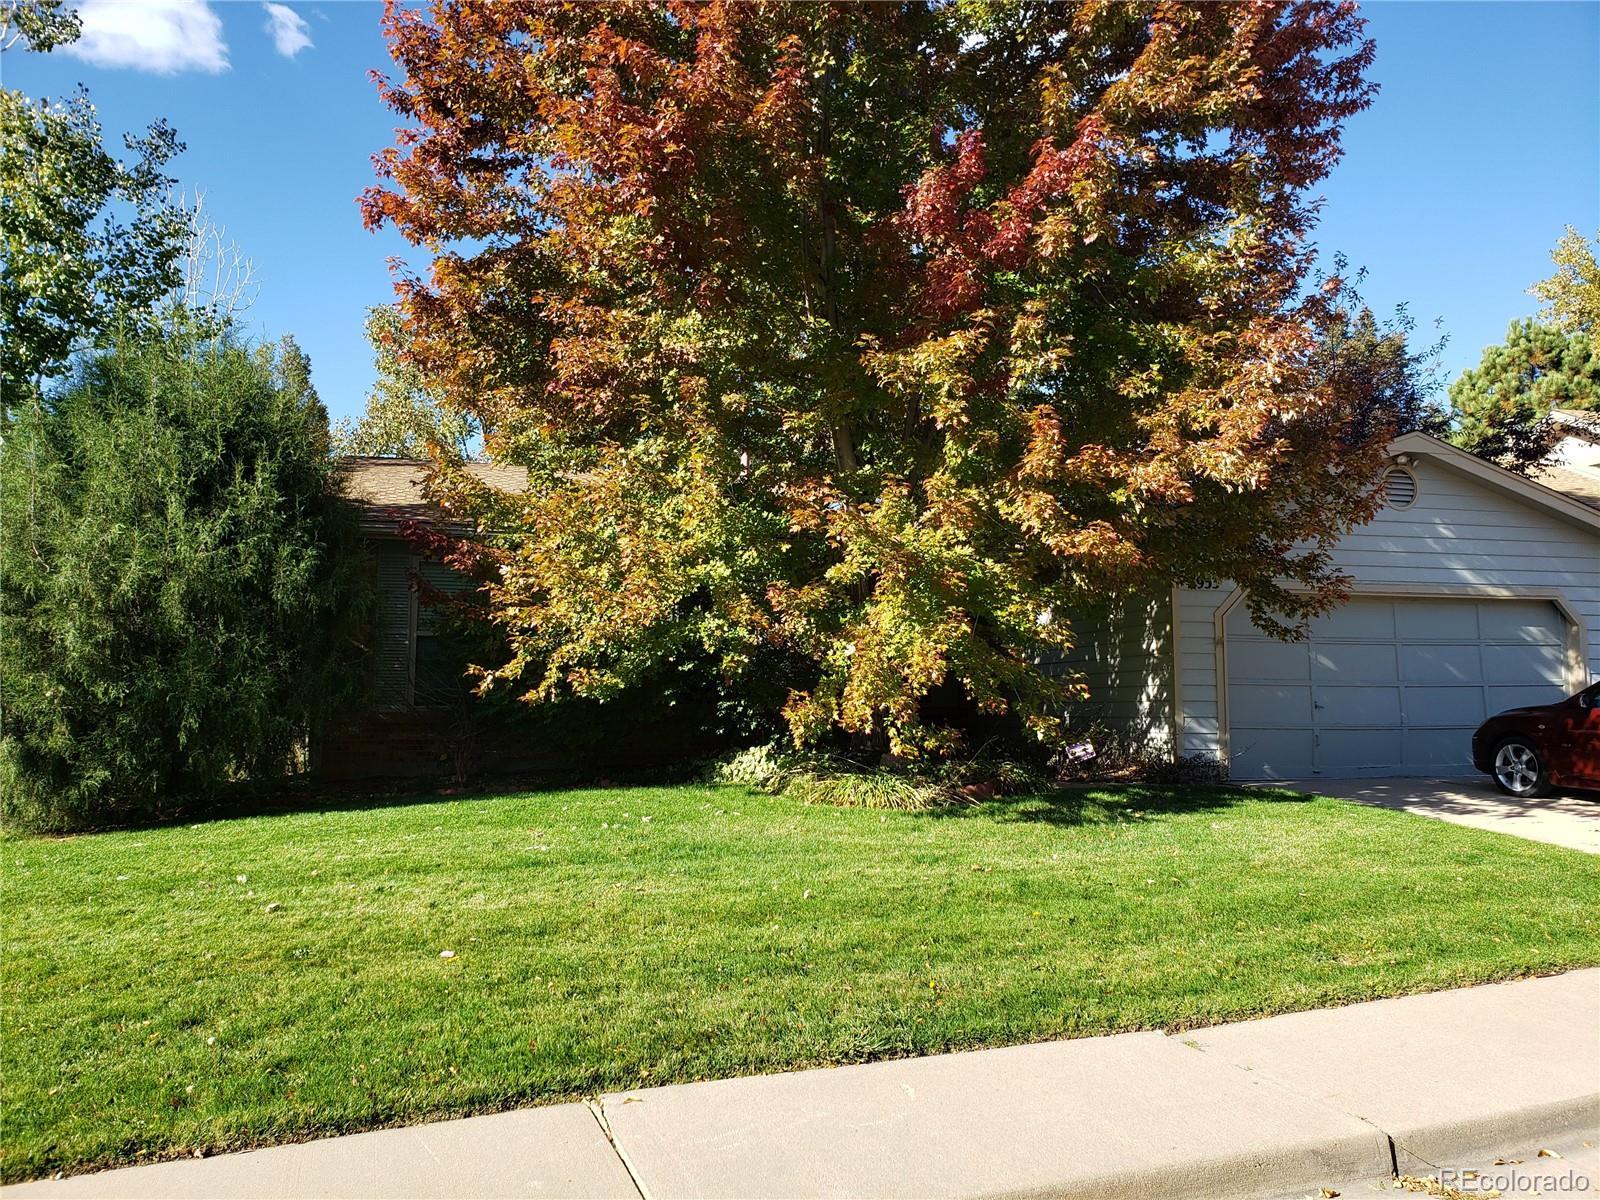 MLS# 8096561 - 1 - 3933 Bosque Court, Boulder, CO 80301